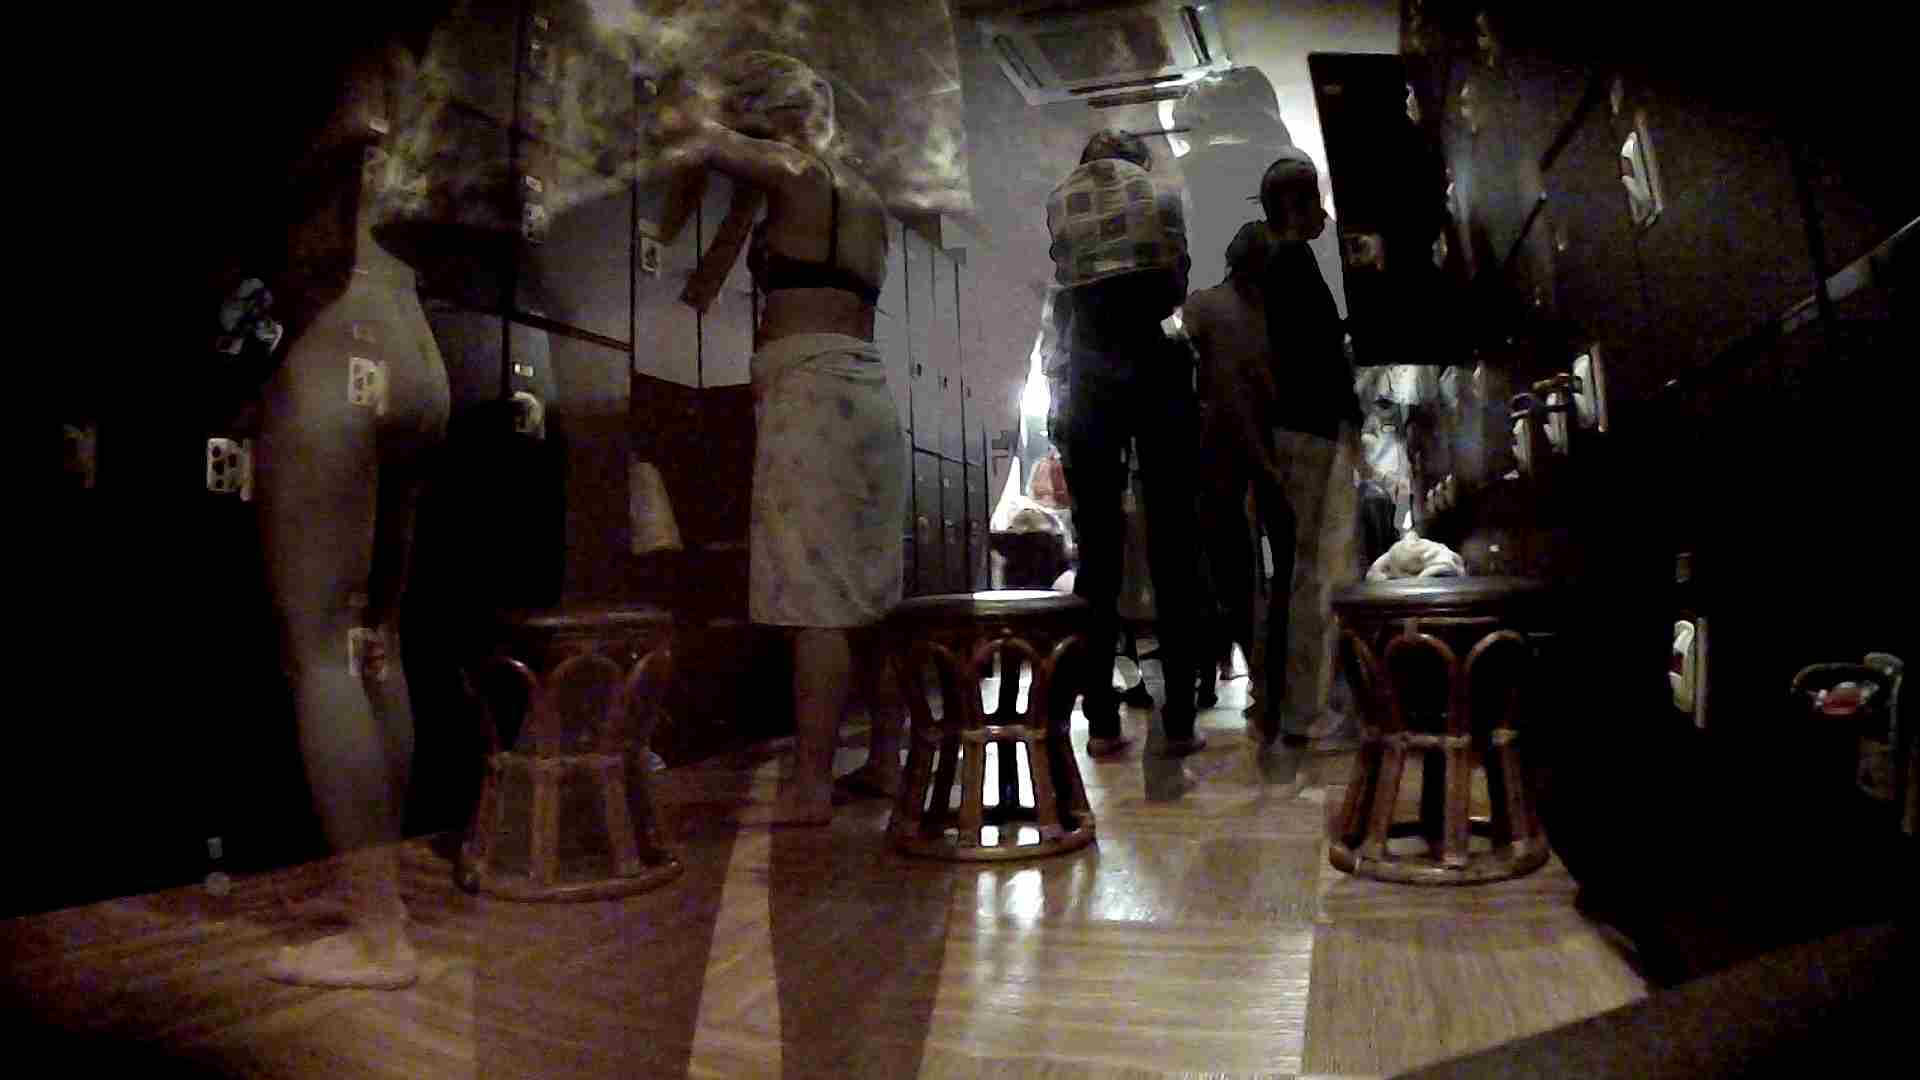 脱衣所!オムニバス 大混雑!注目はあの人の御御足でしょう。 脱衣所 盗撮戯れ無修正画像 25pic 5